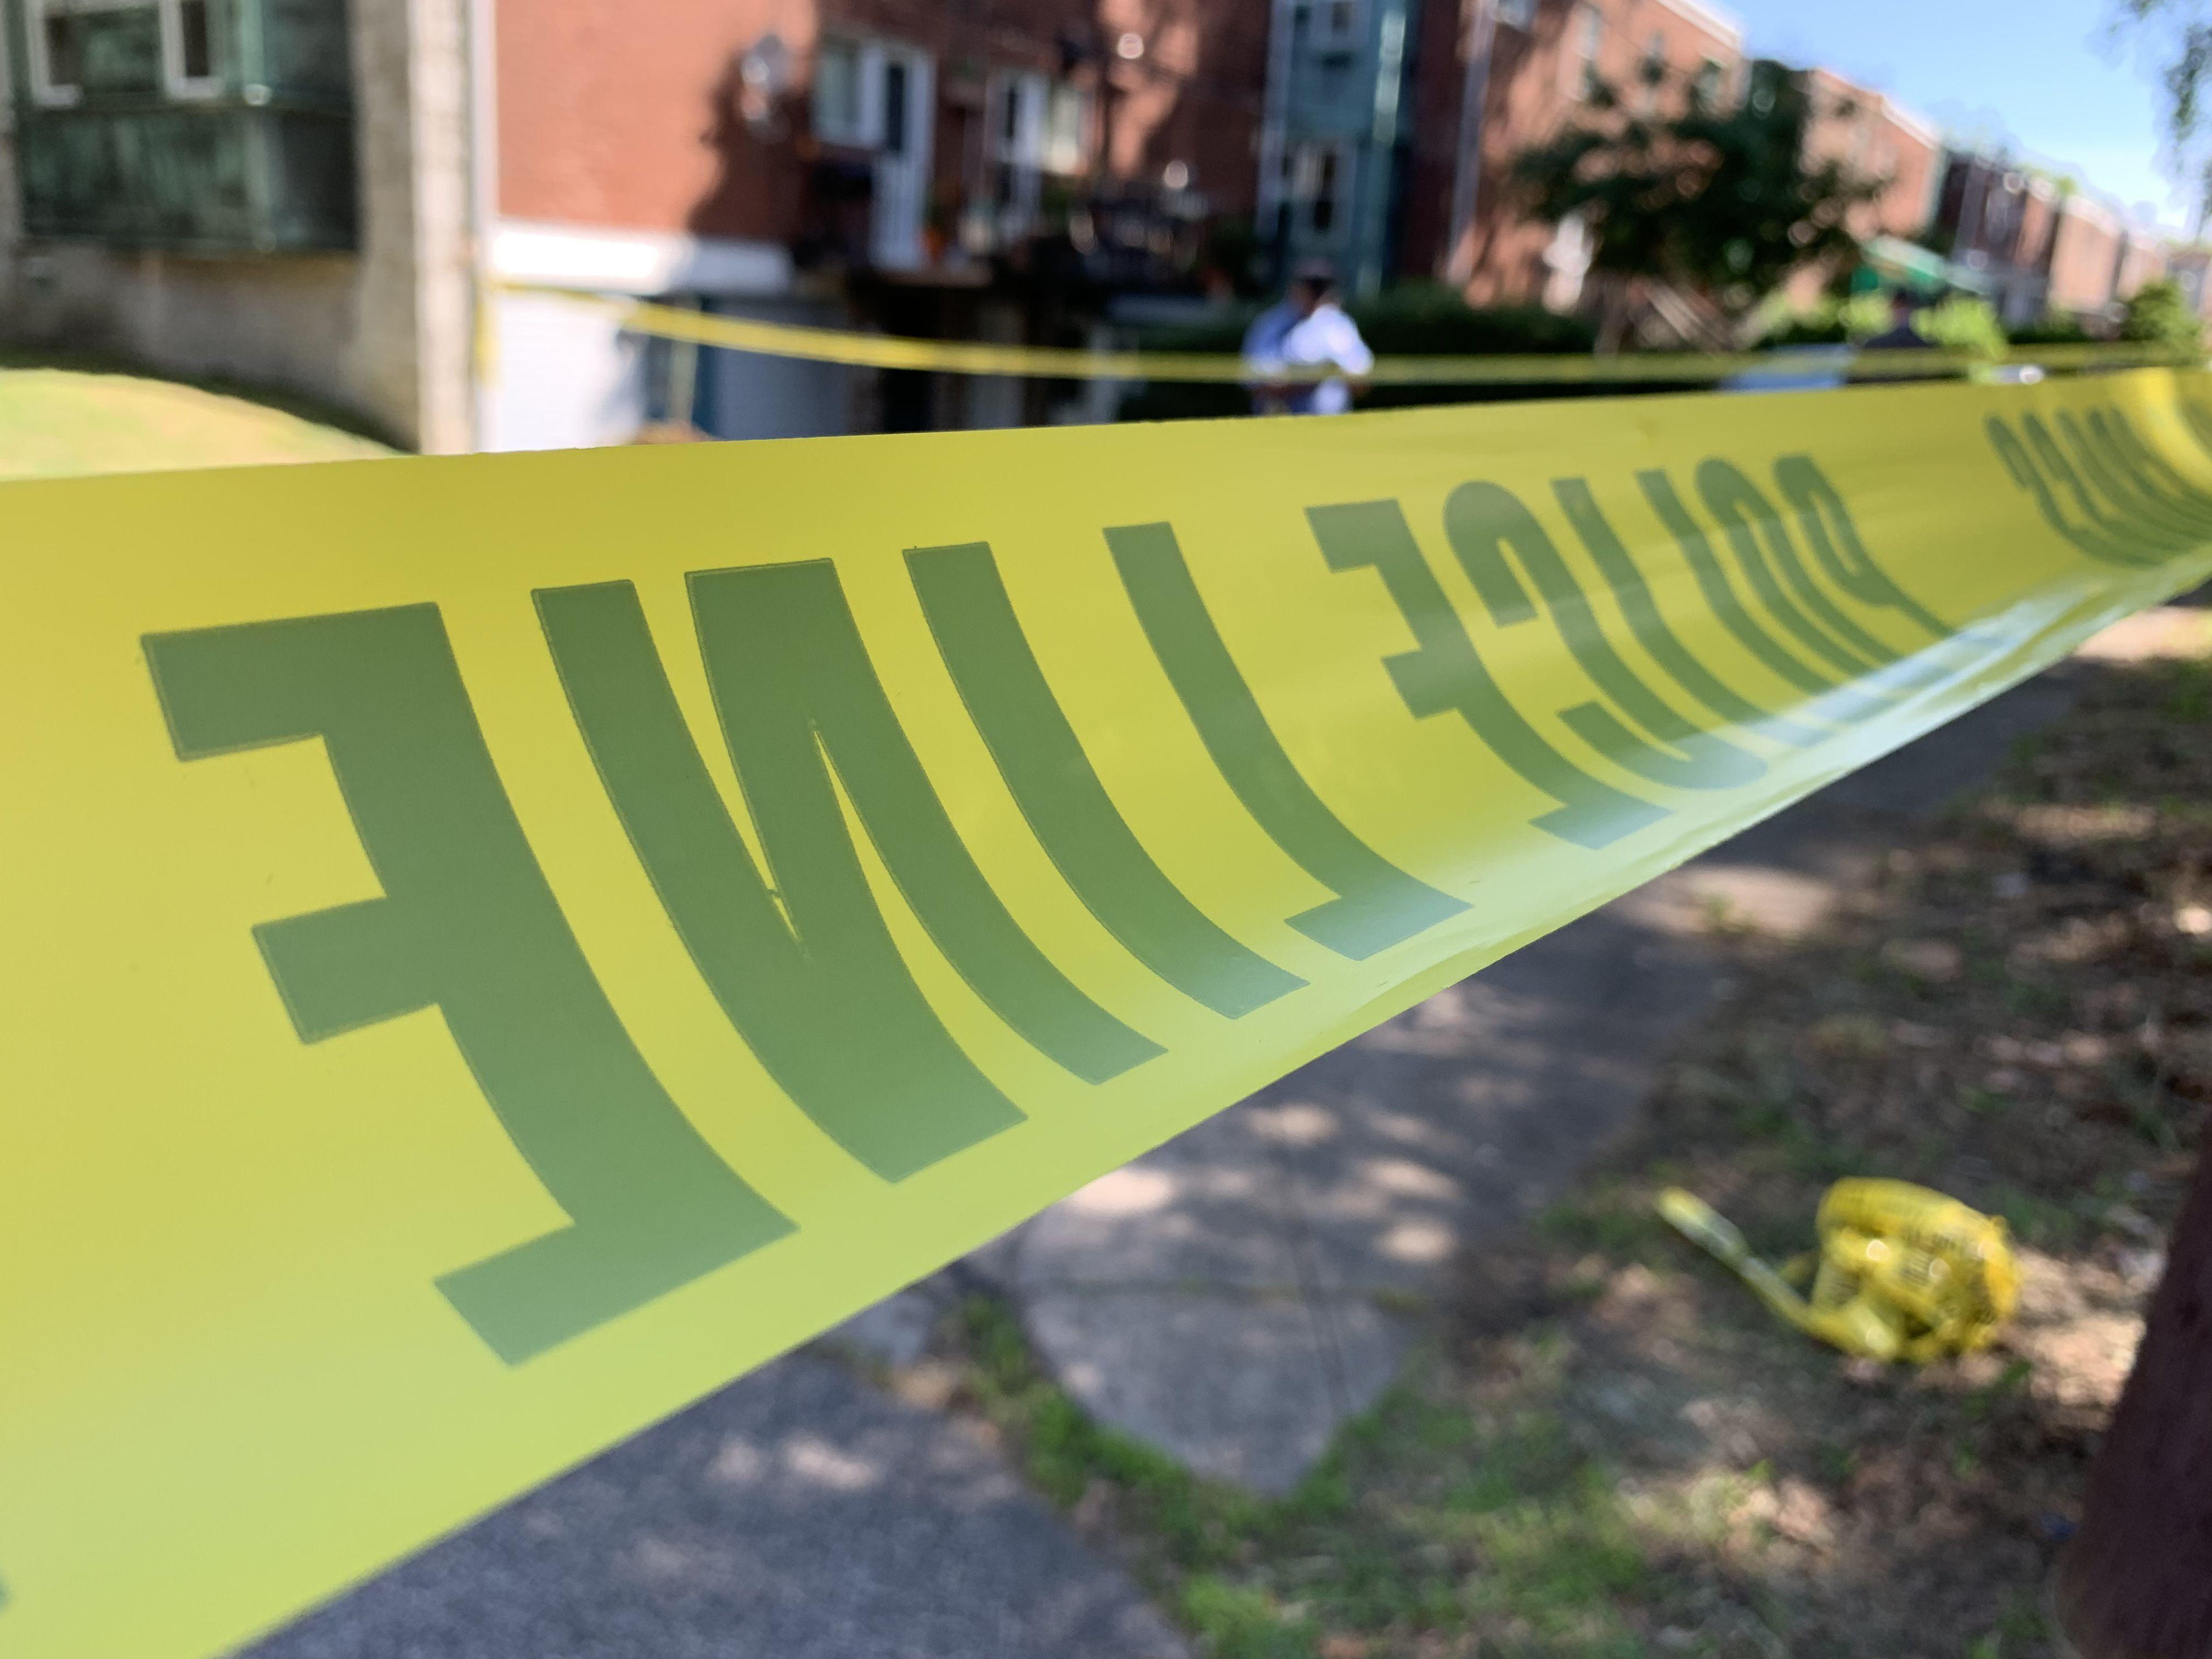 Police: $2M in cocaine found at Roxborough murder scene